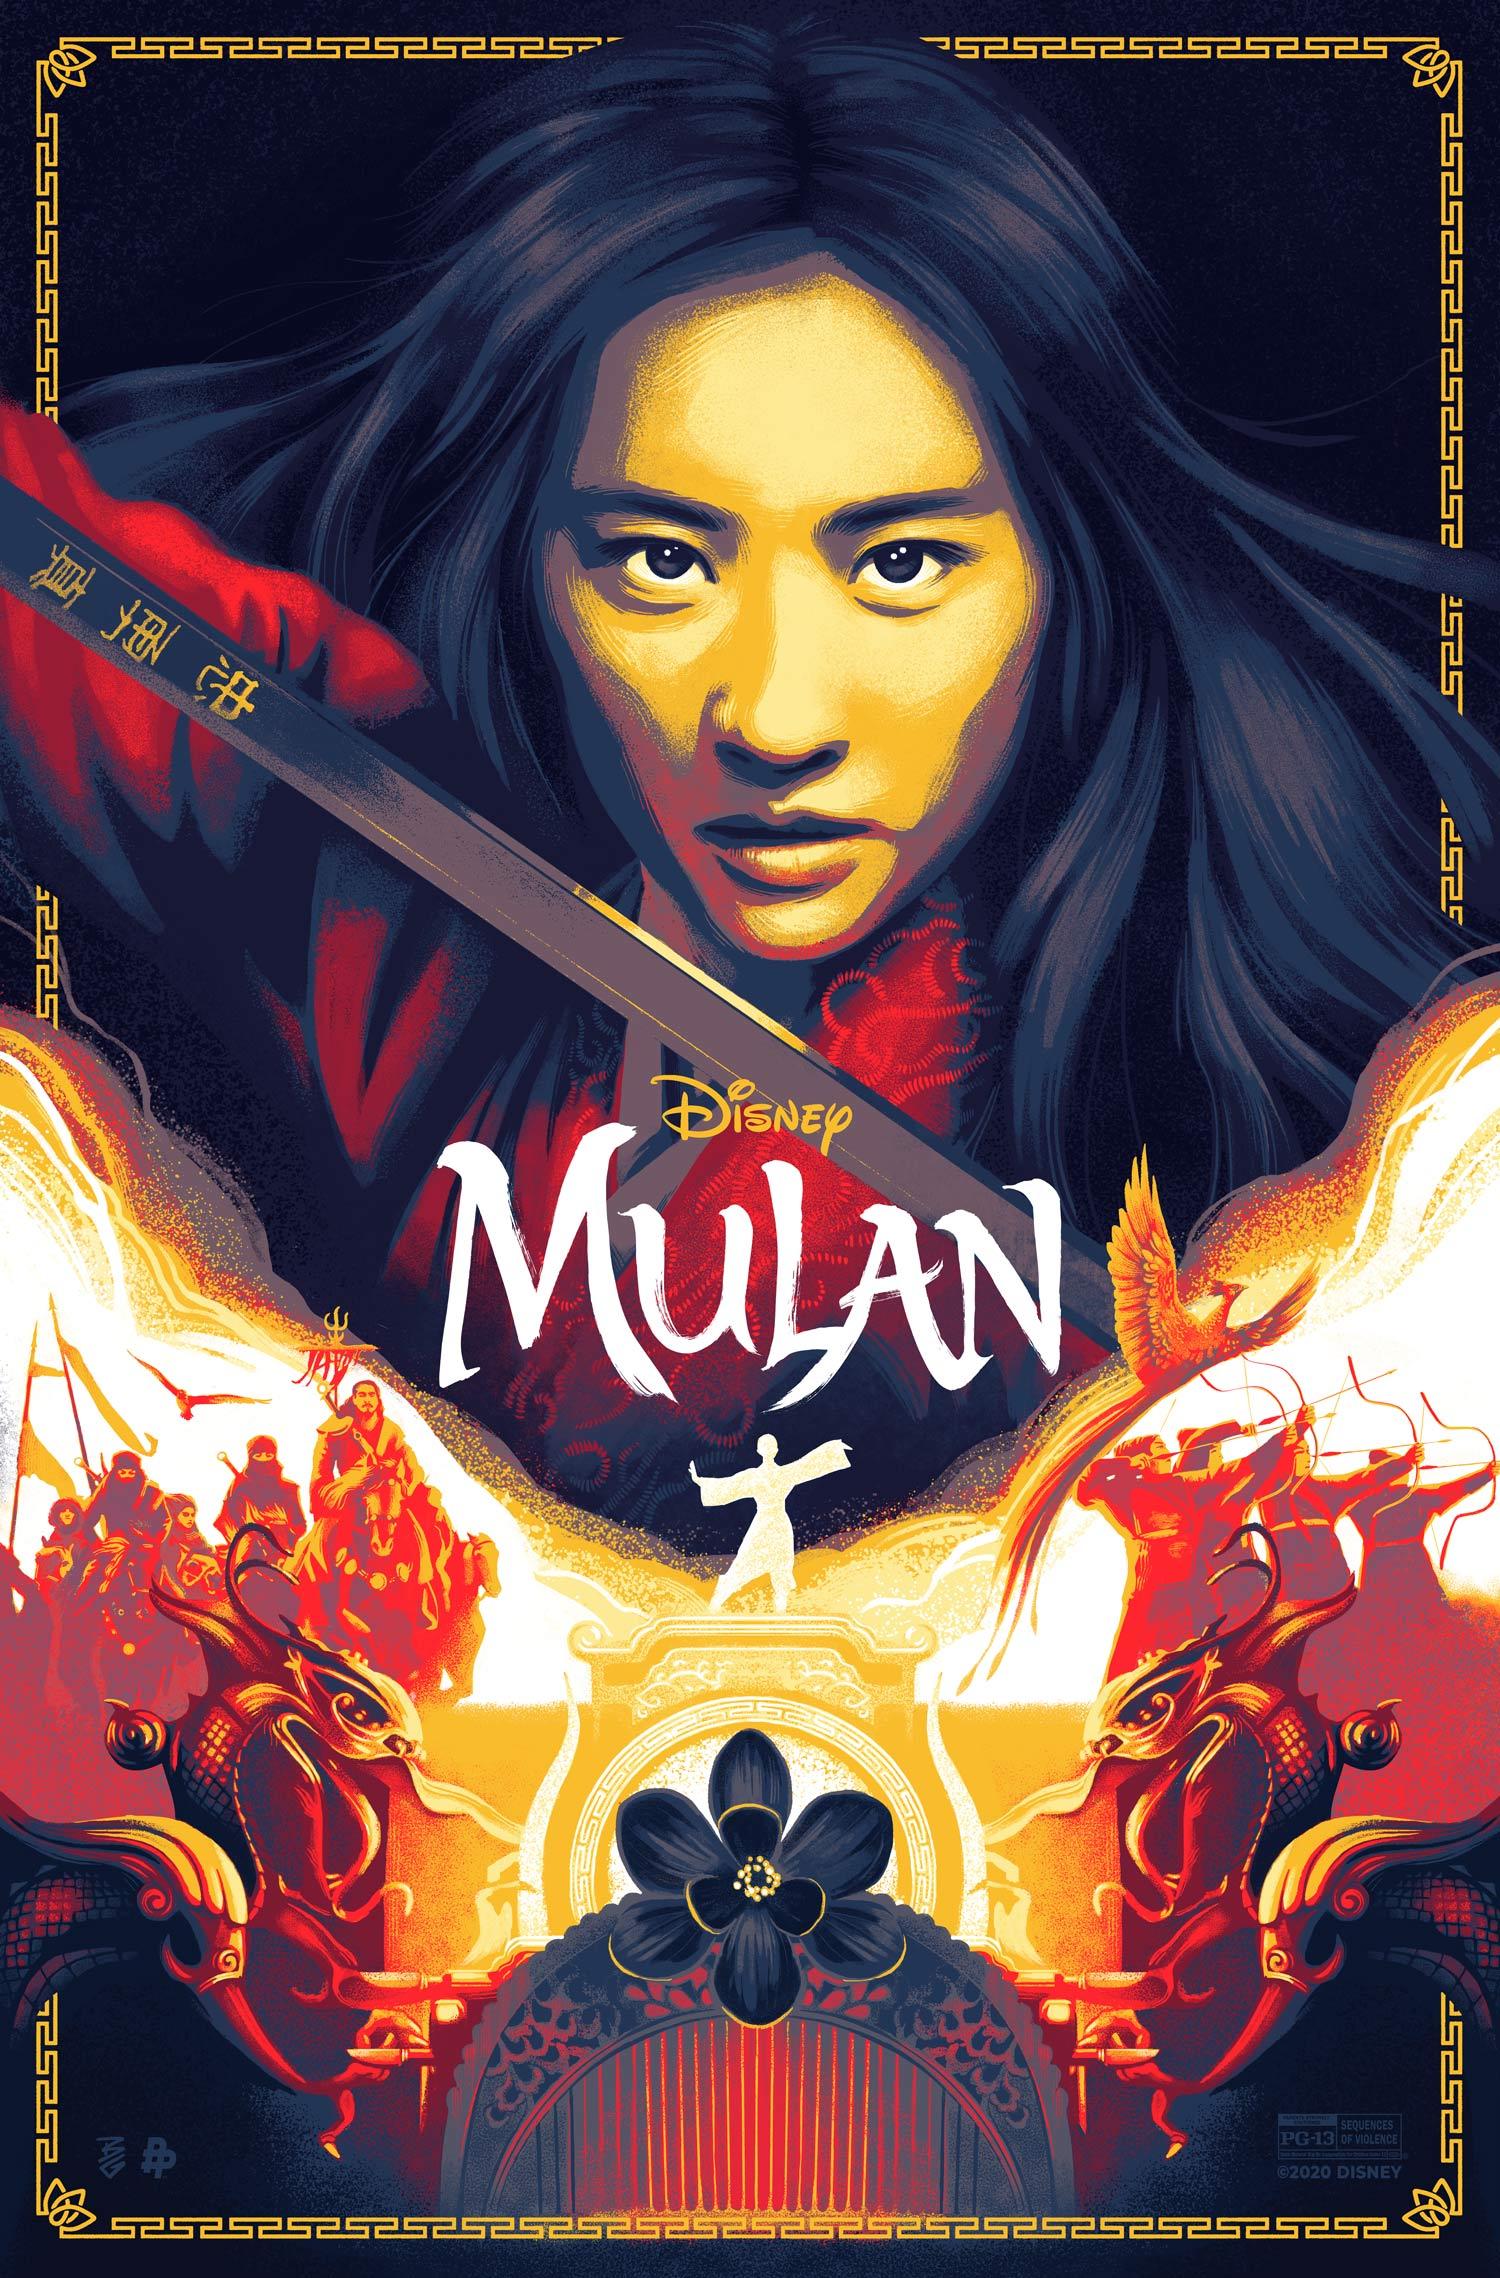 Disney Mulan Movie Poster